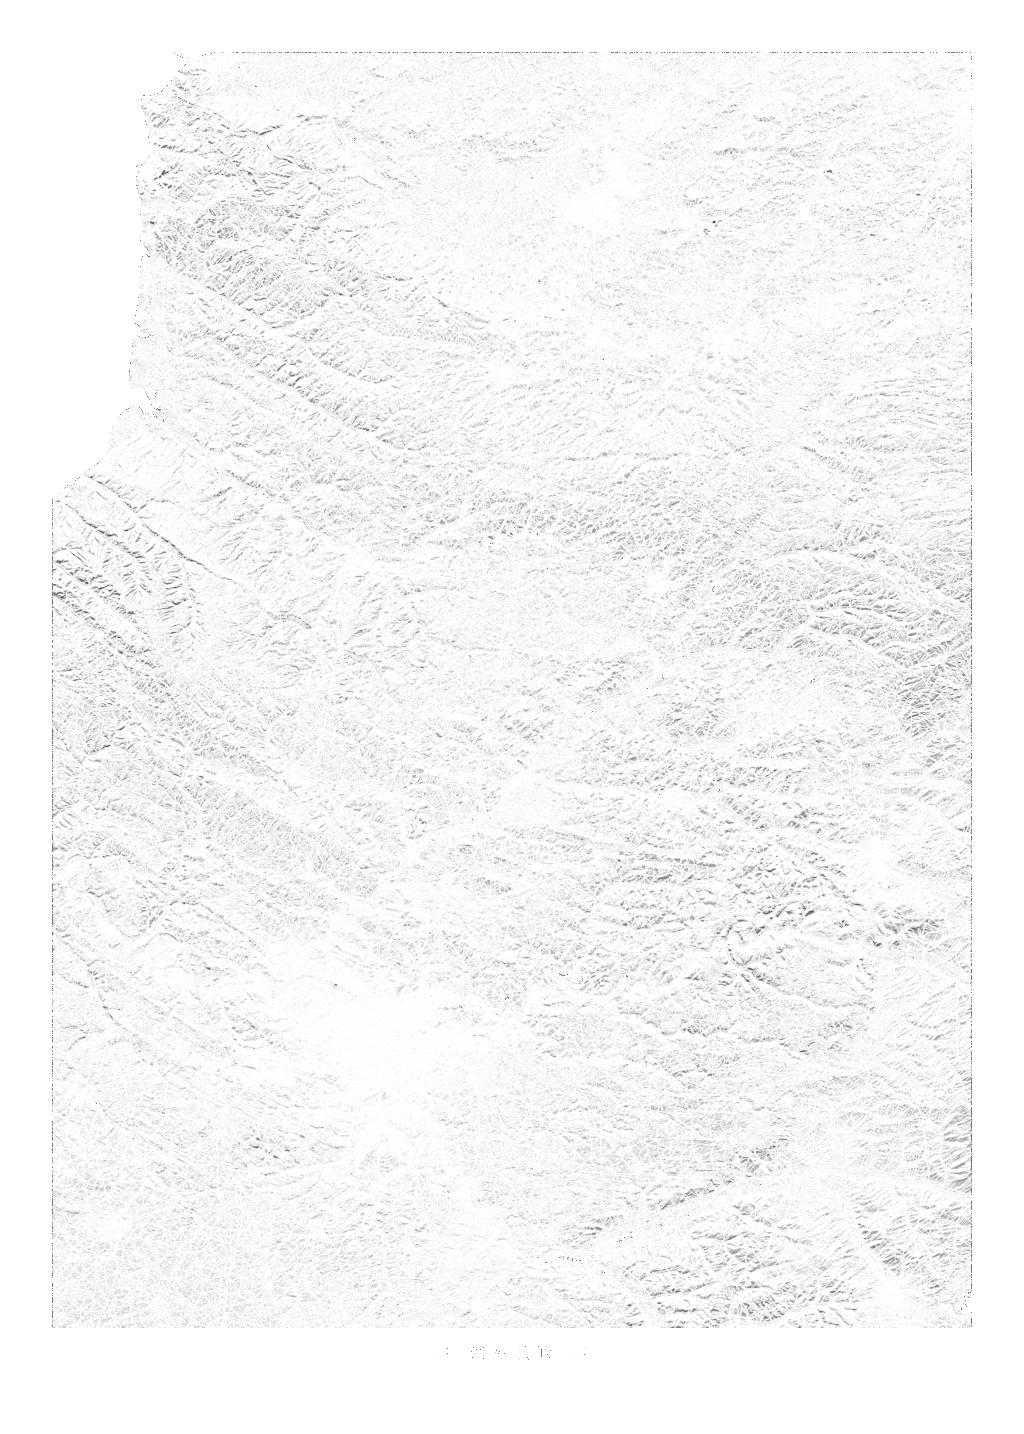 Picardie wall map